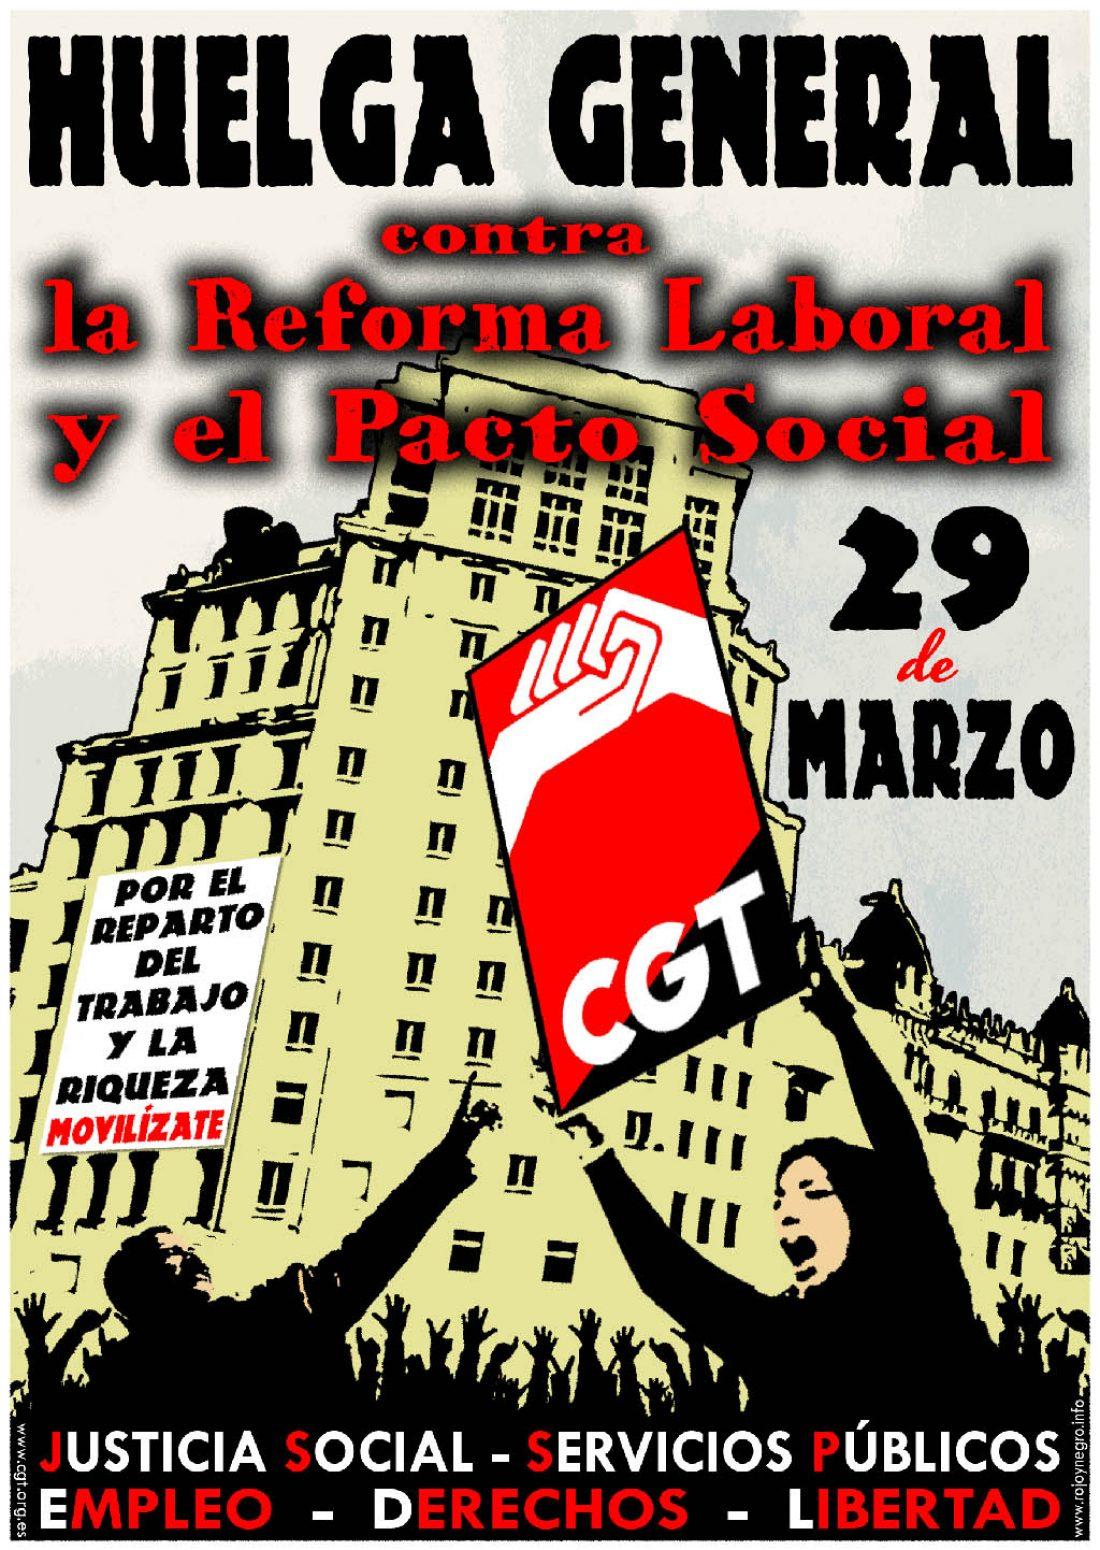 La CGT convoca Huelga General el 29 de marzo contra la Reforma Laboral y contra el Pacto Social (10/3/2012)